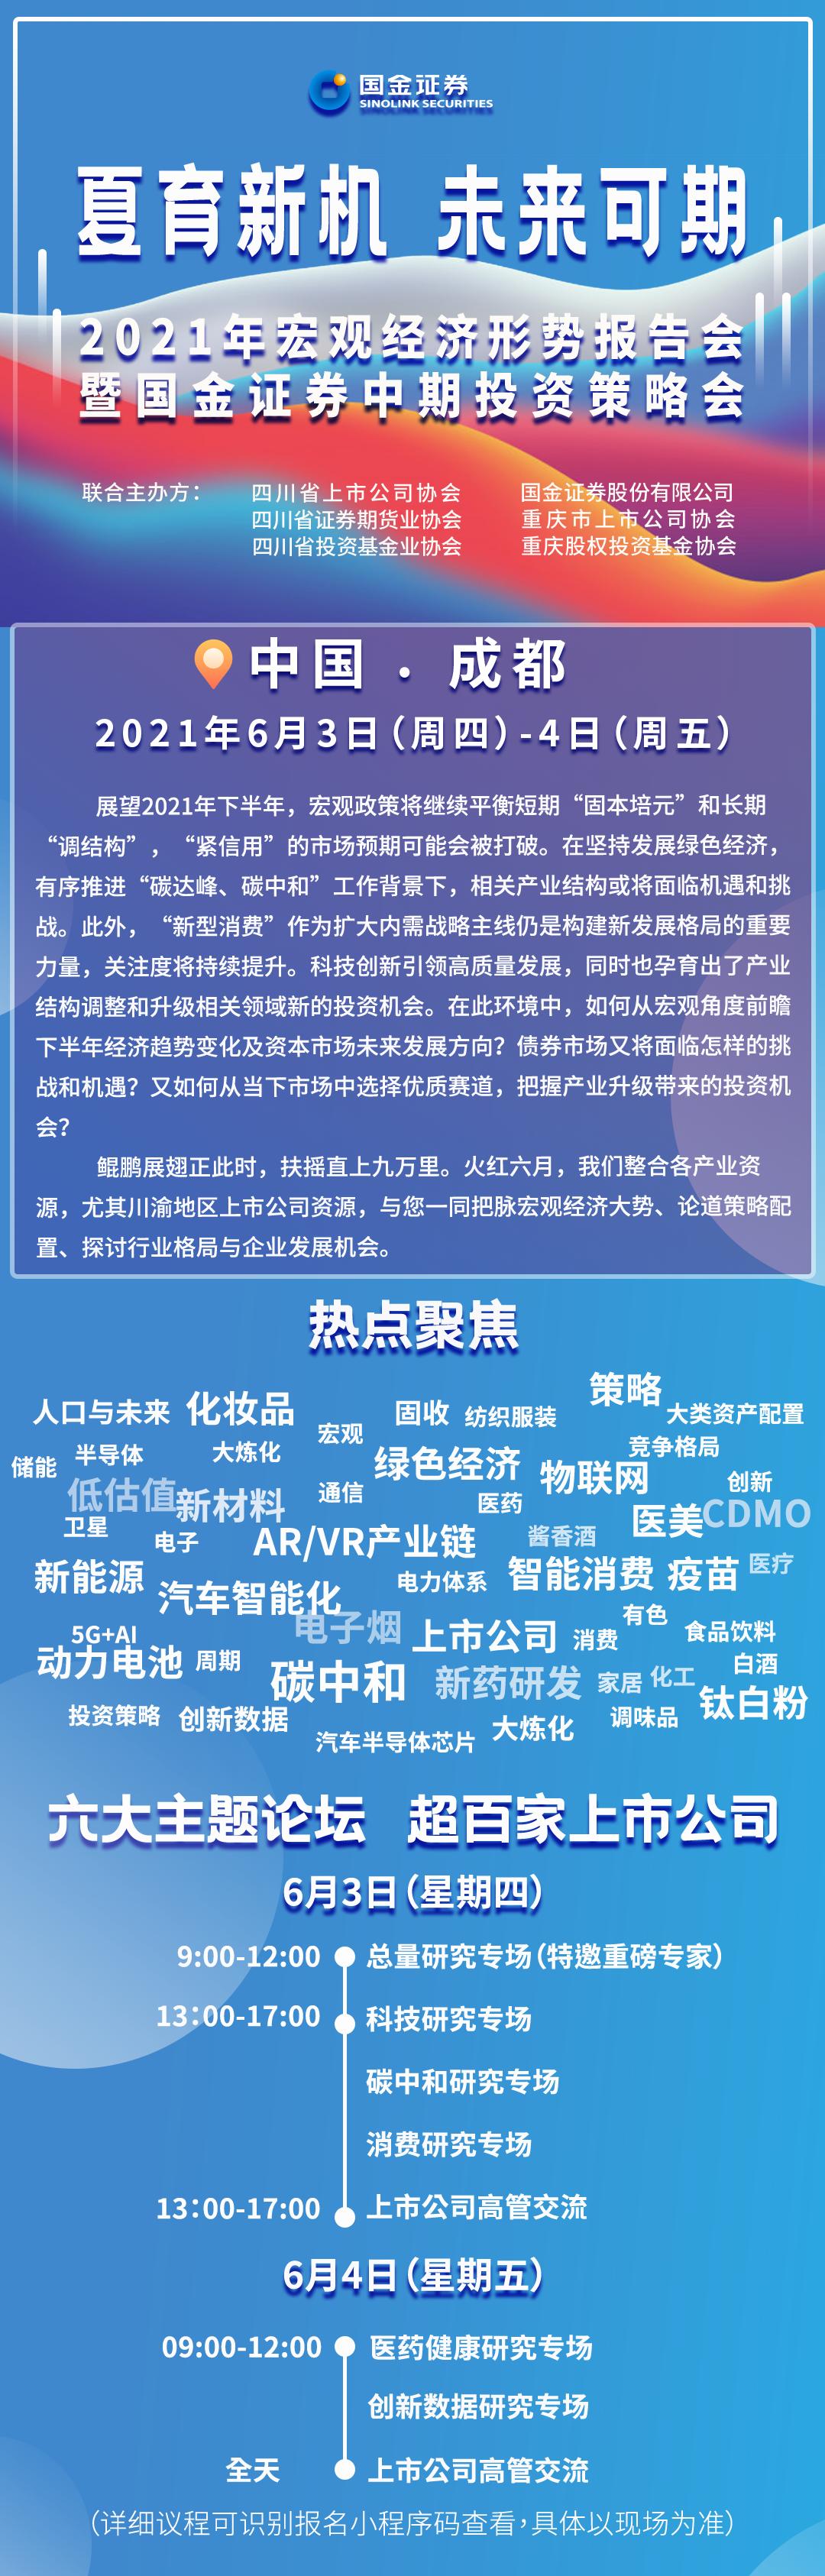 【盛邀】2021年宏观经济形势报告会暨国金证券中期投资策略会6月3日-4日与您共聚成都!